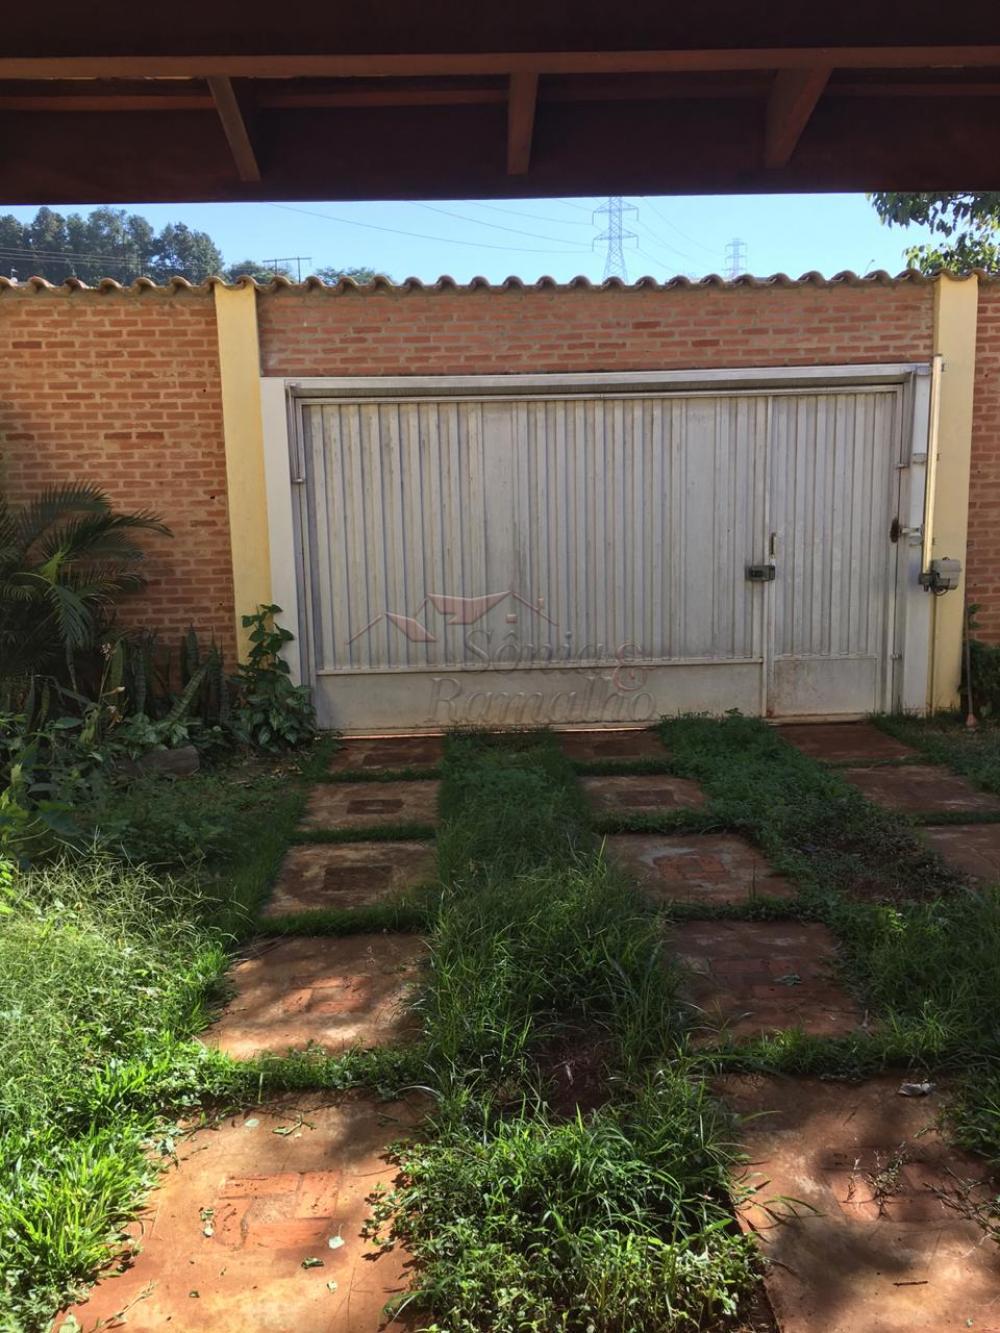 Comprar Casas / Padrão em Ribeirão Preto apenas R$ 500.000,00 - Foto 5